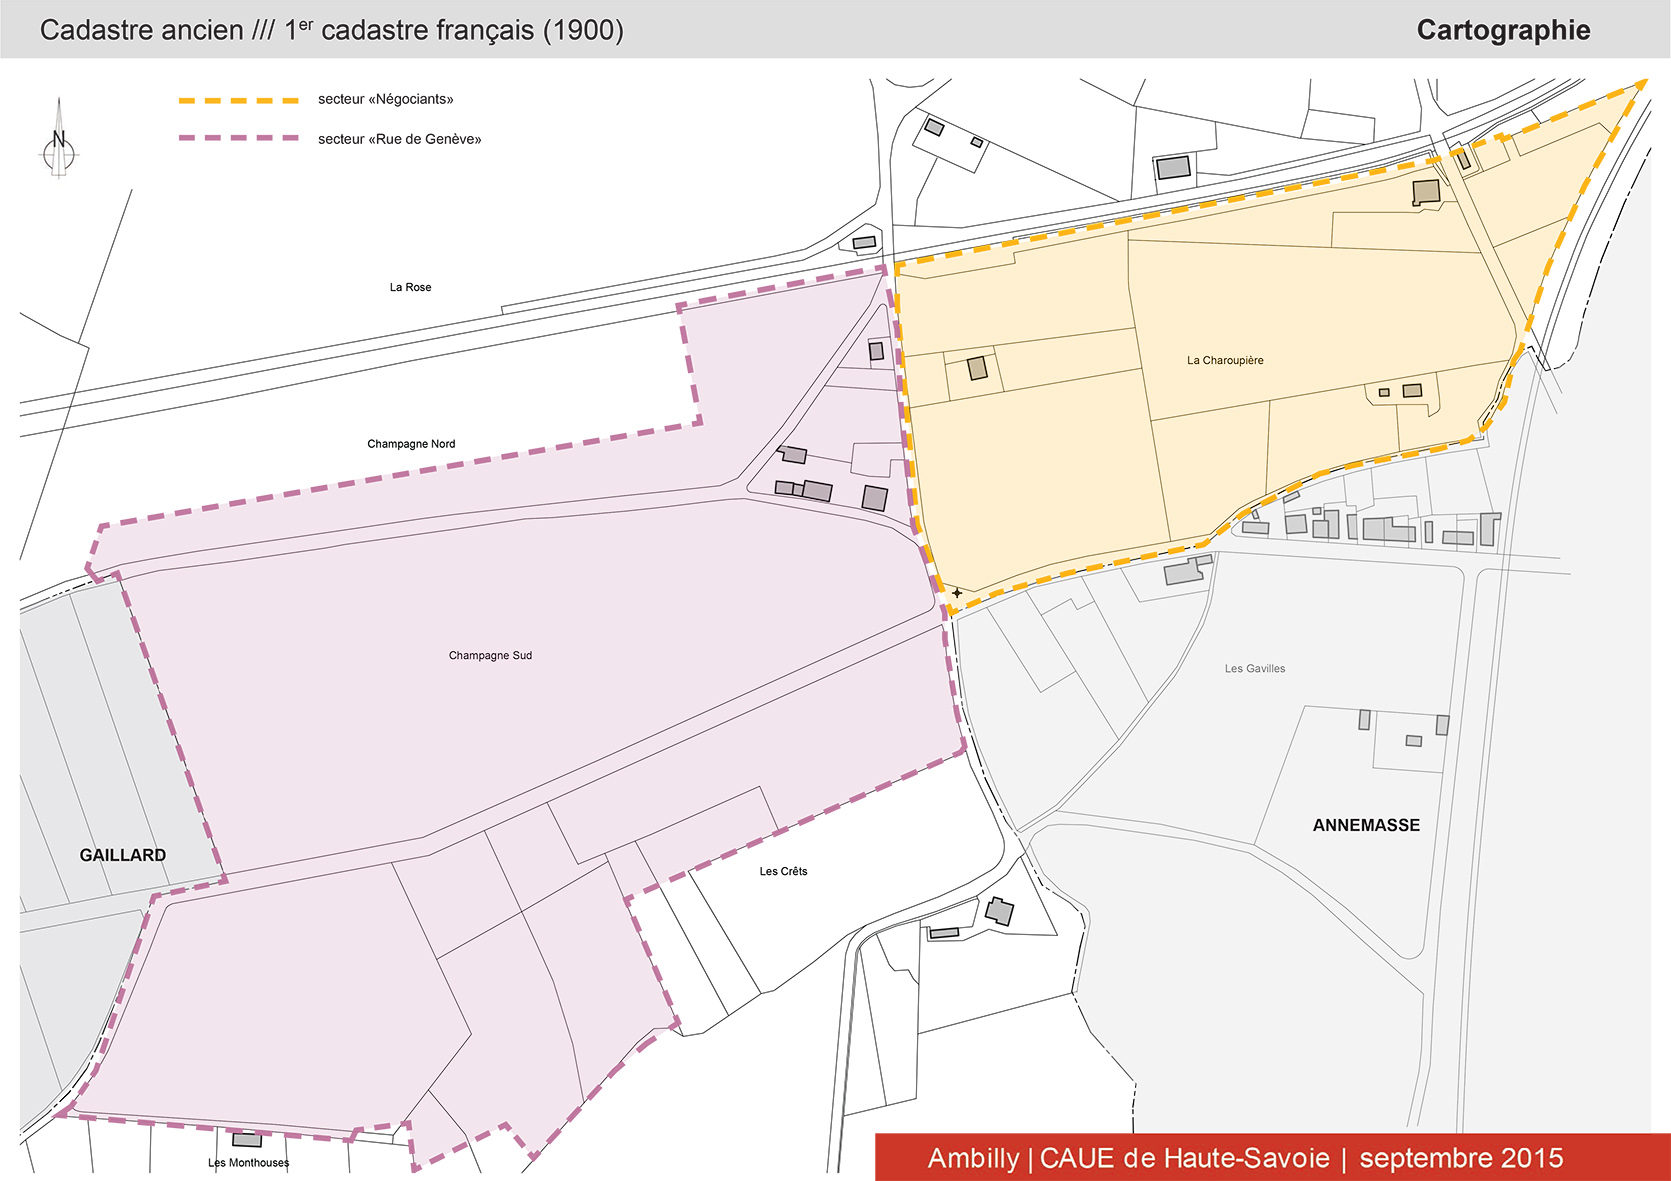 épure /// architecture & patrimoine | diagnostic patrimonial, architectural & paysager - secteurs «négociants» + «rue de Genève», Ambilly (Haute-Savoie)